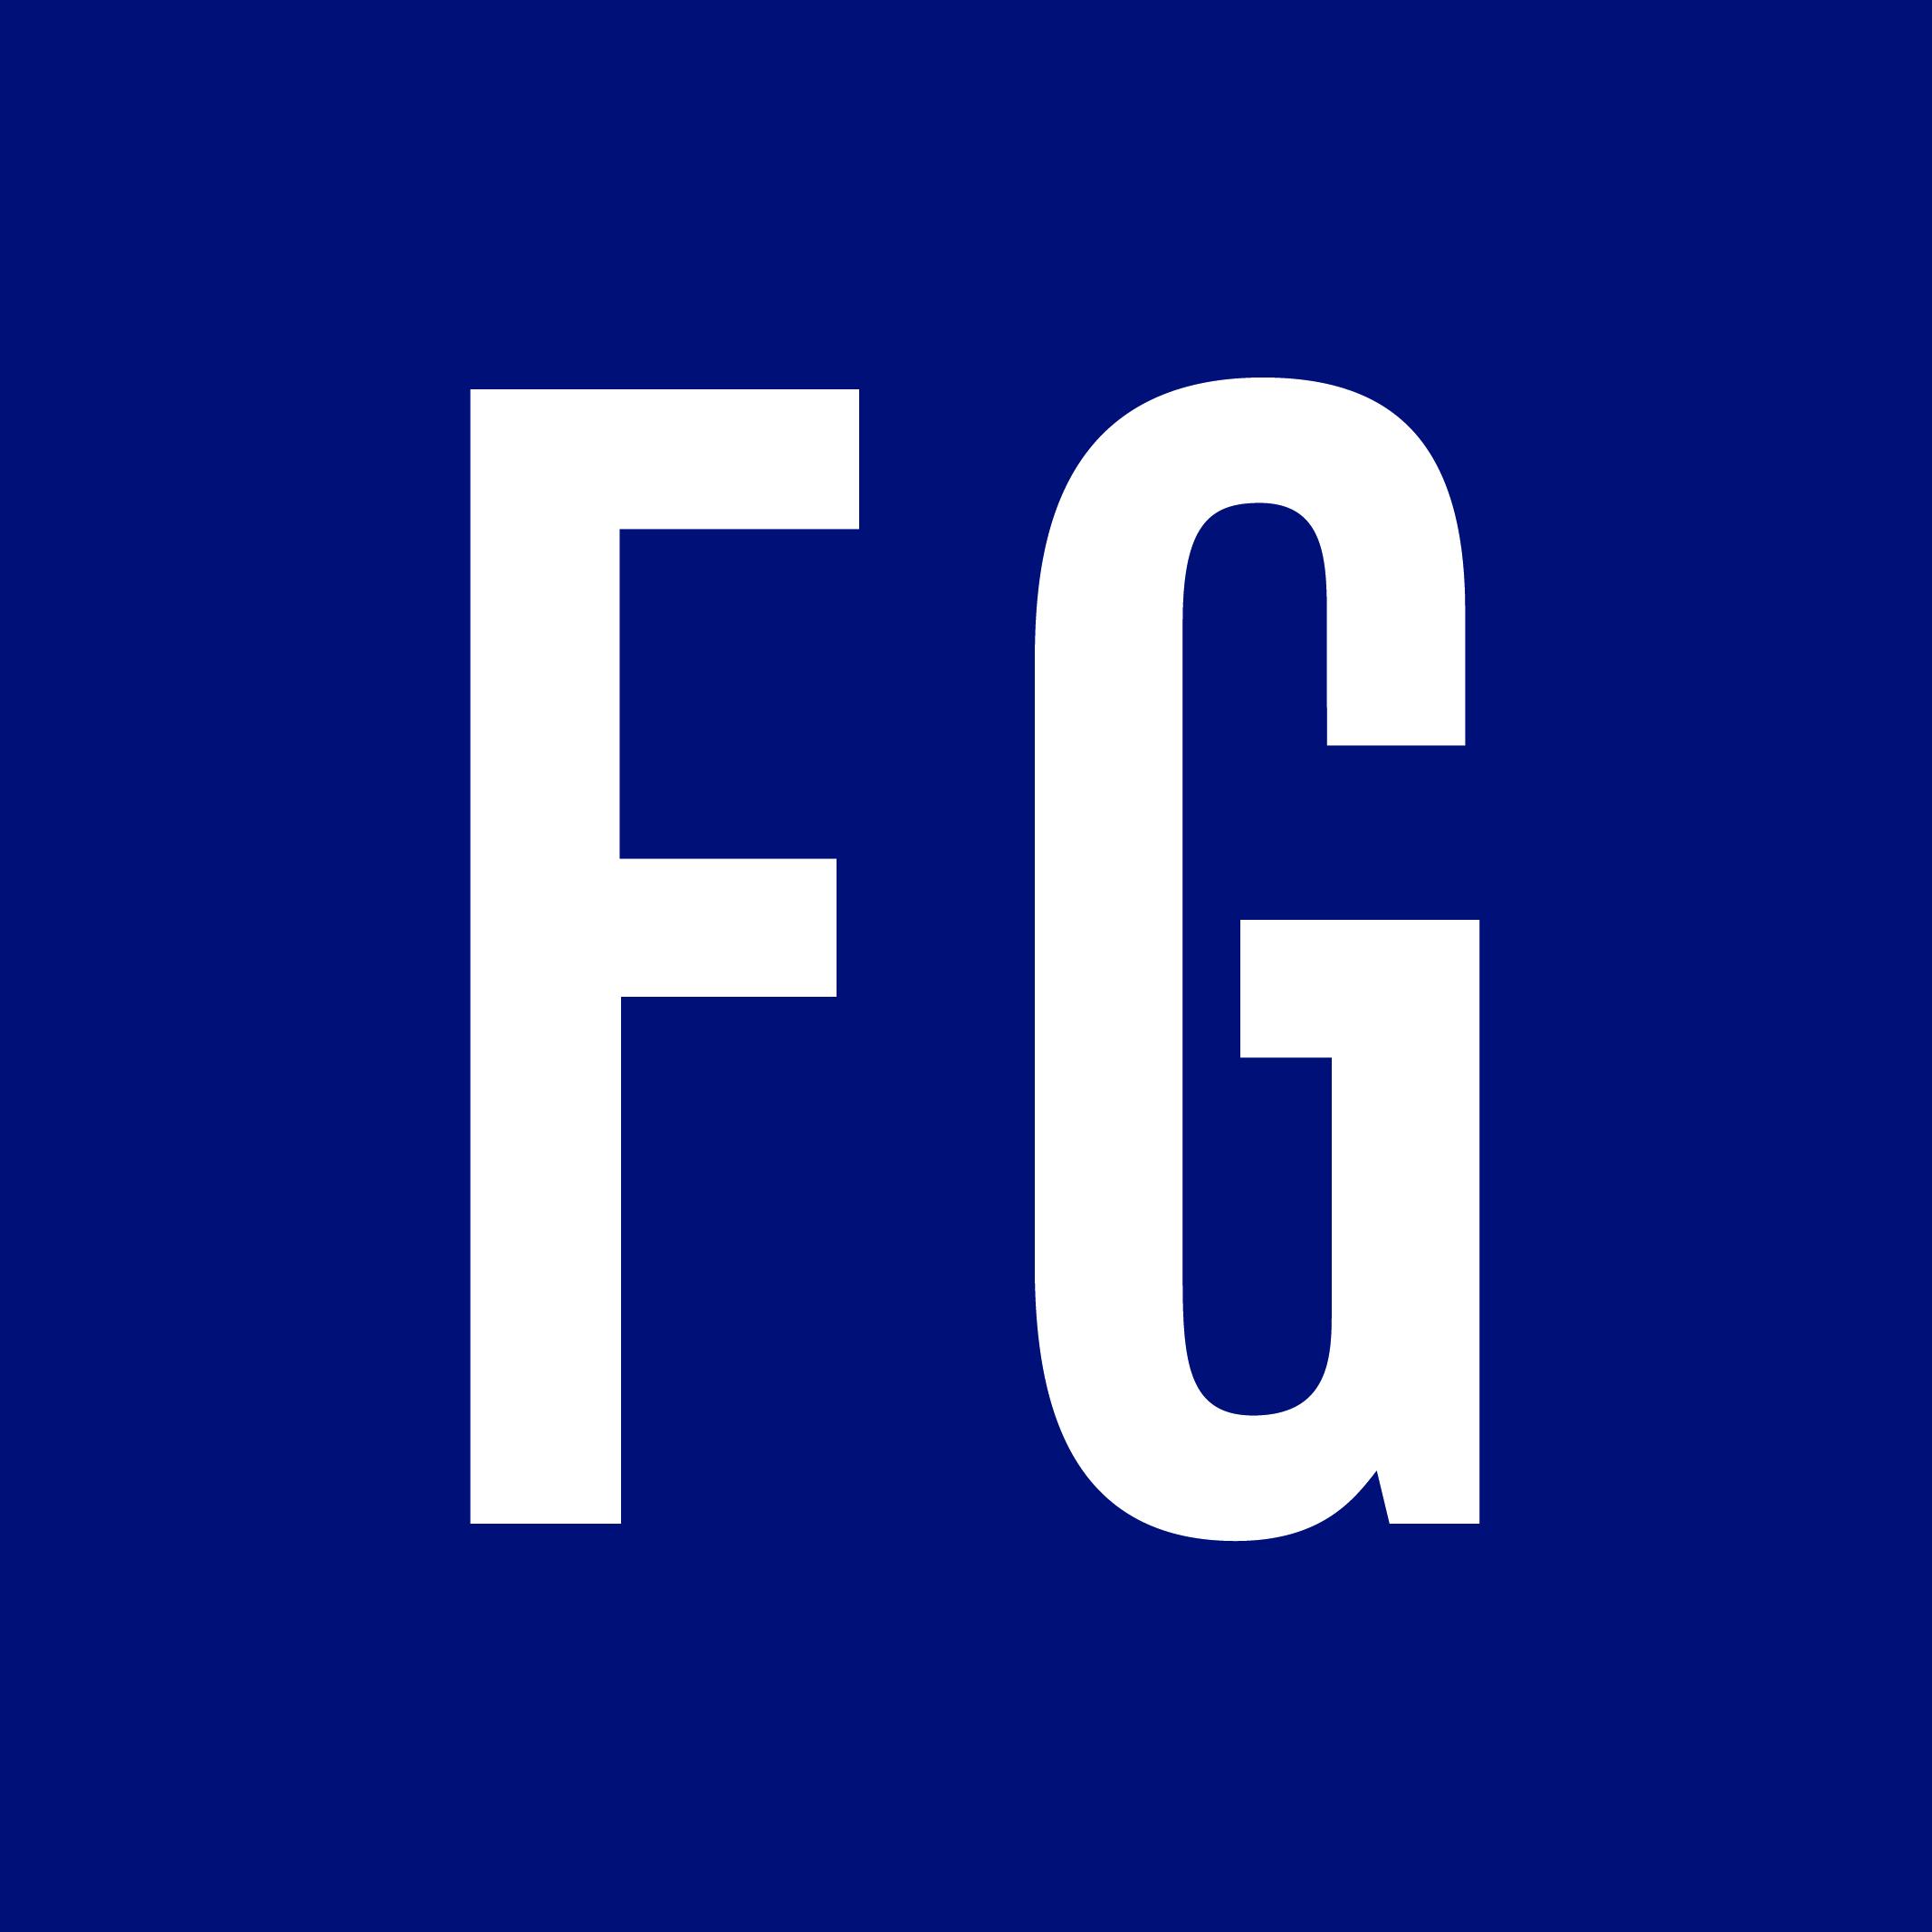 Fgsquare 01